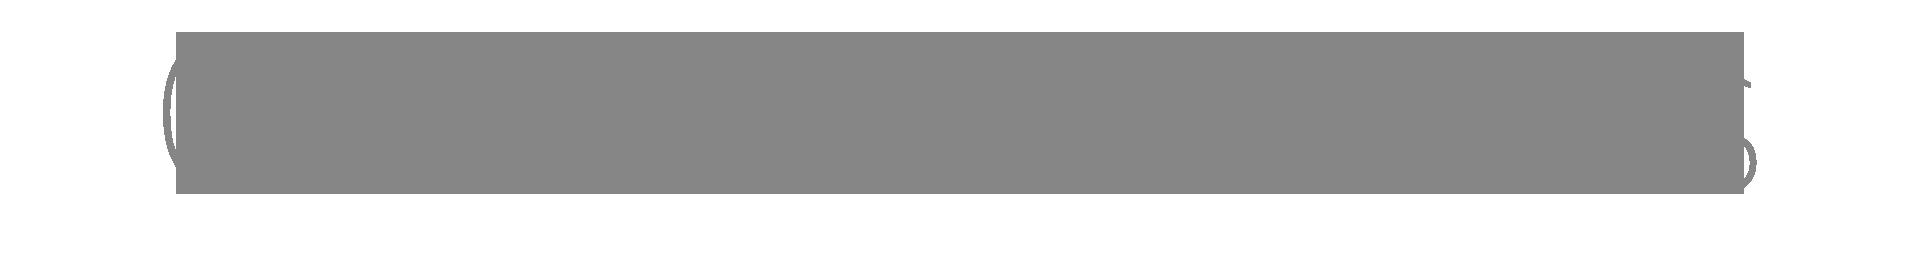 logo_geometric.png